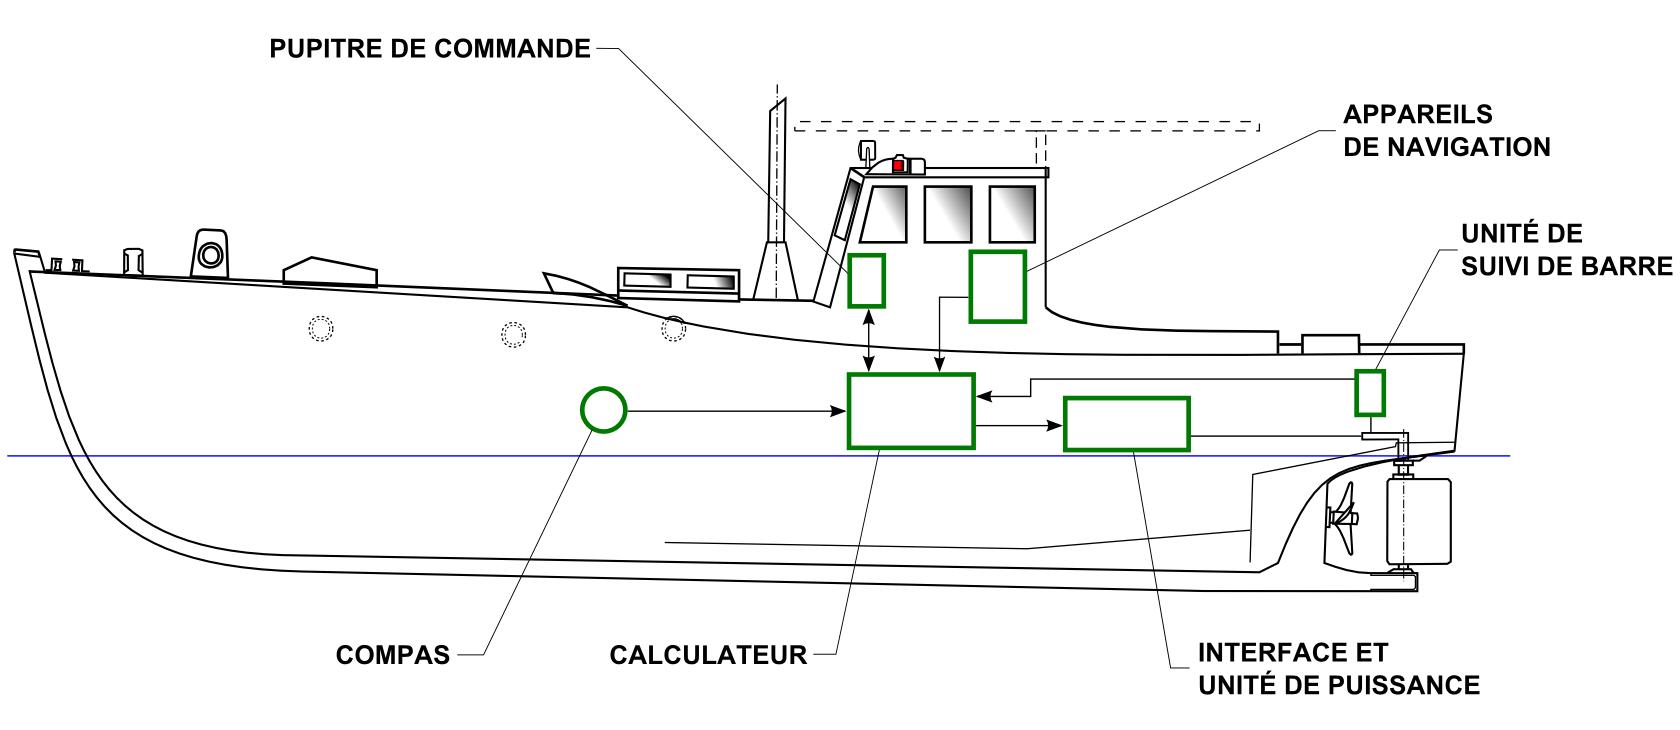 Système de pilote automatique